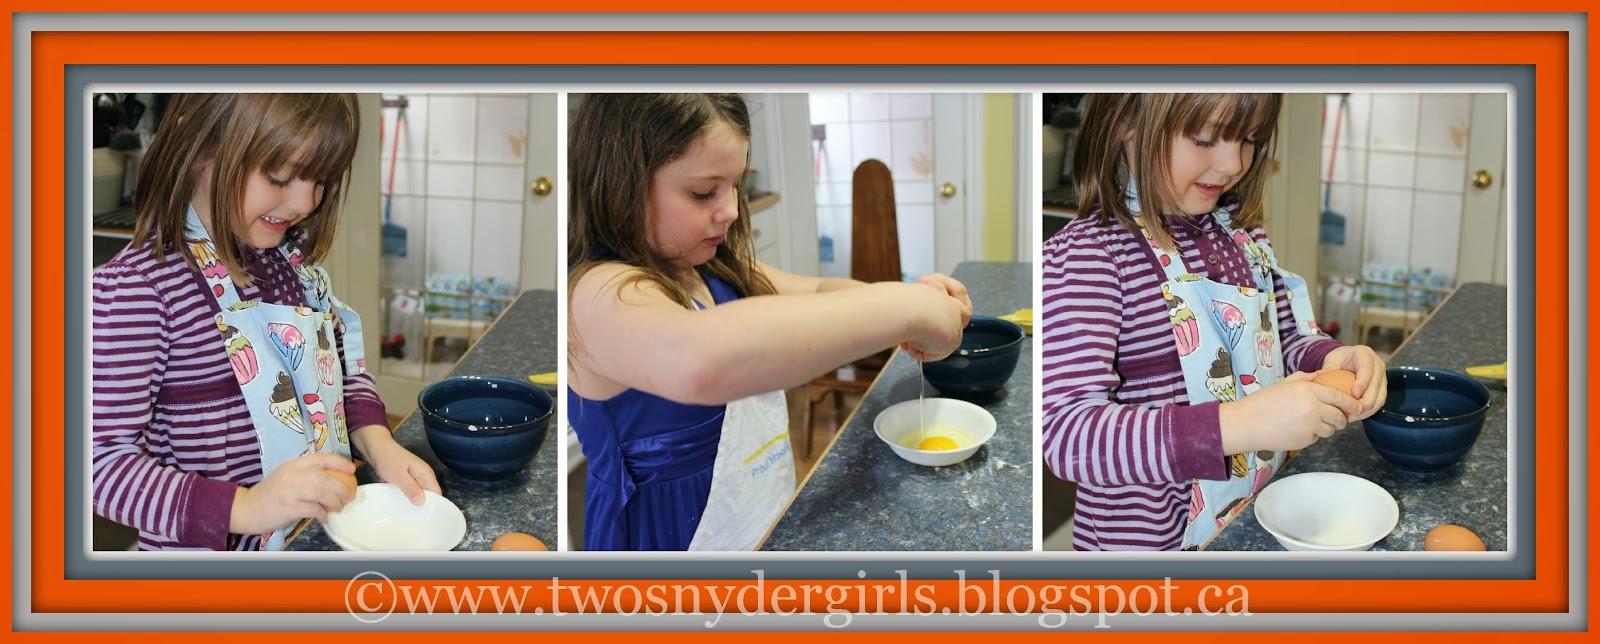 Children cracking eggs